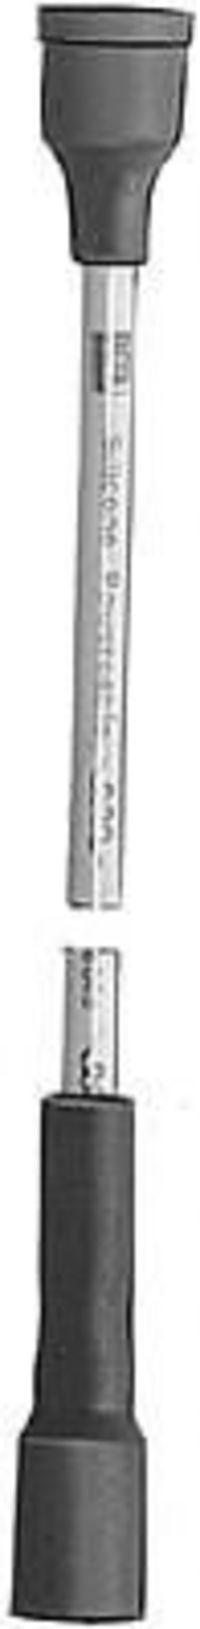 Провод зажигания BERU R1